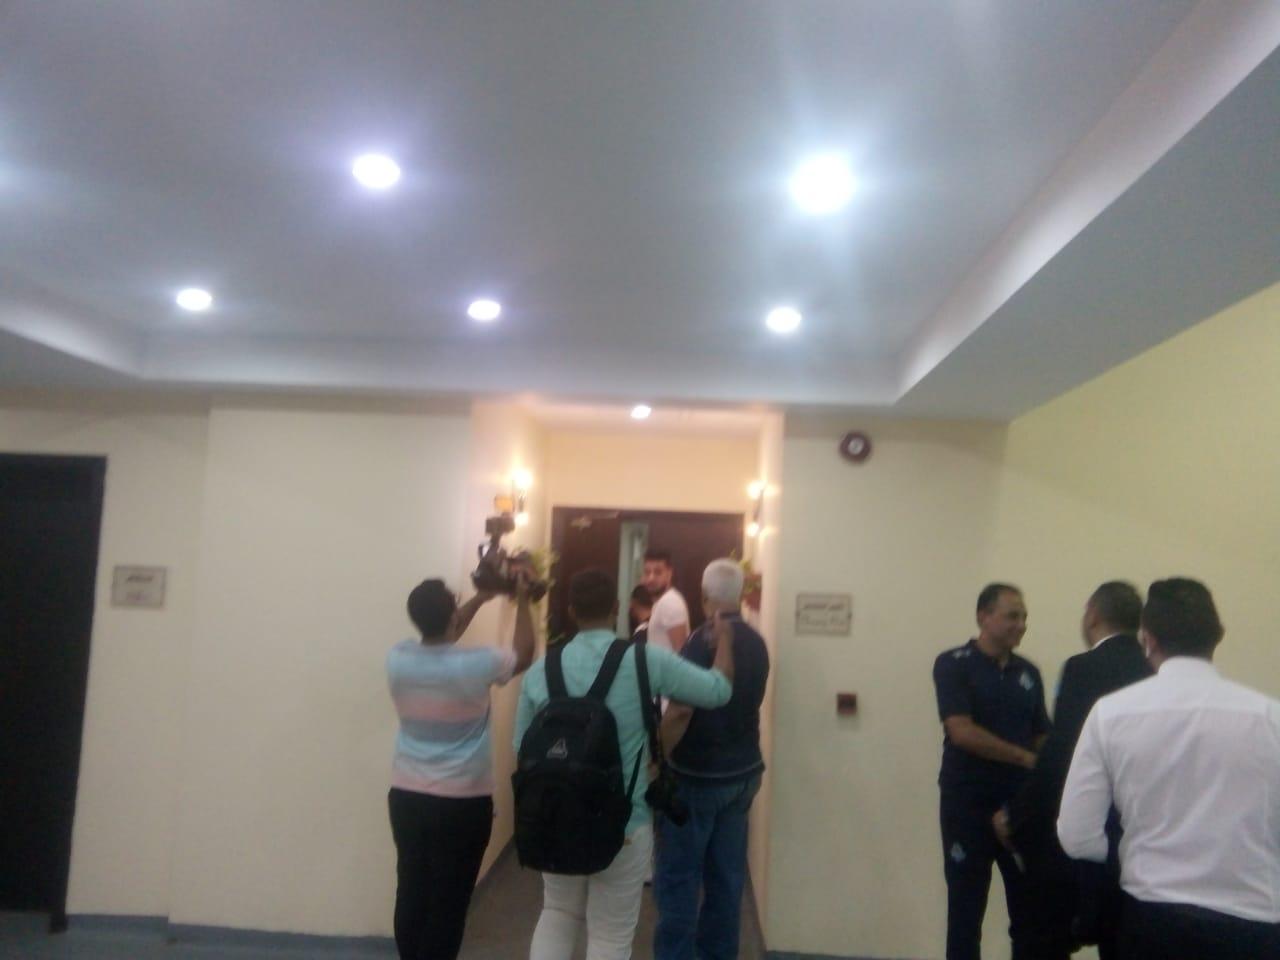 الشناوي يساند بيراميدز وأفشة يزور غرفة إنبي 58099-WhatsApp-Image-2018-08-03-at-8.12.10-PM